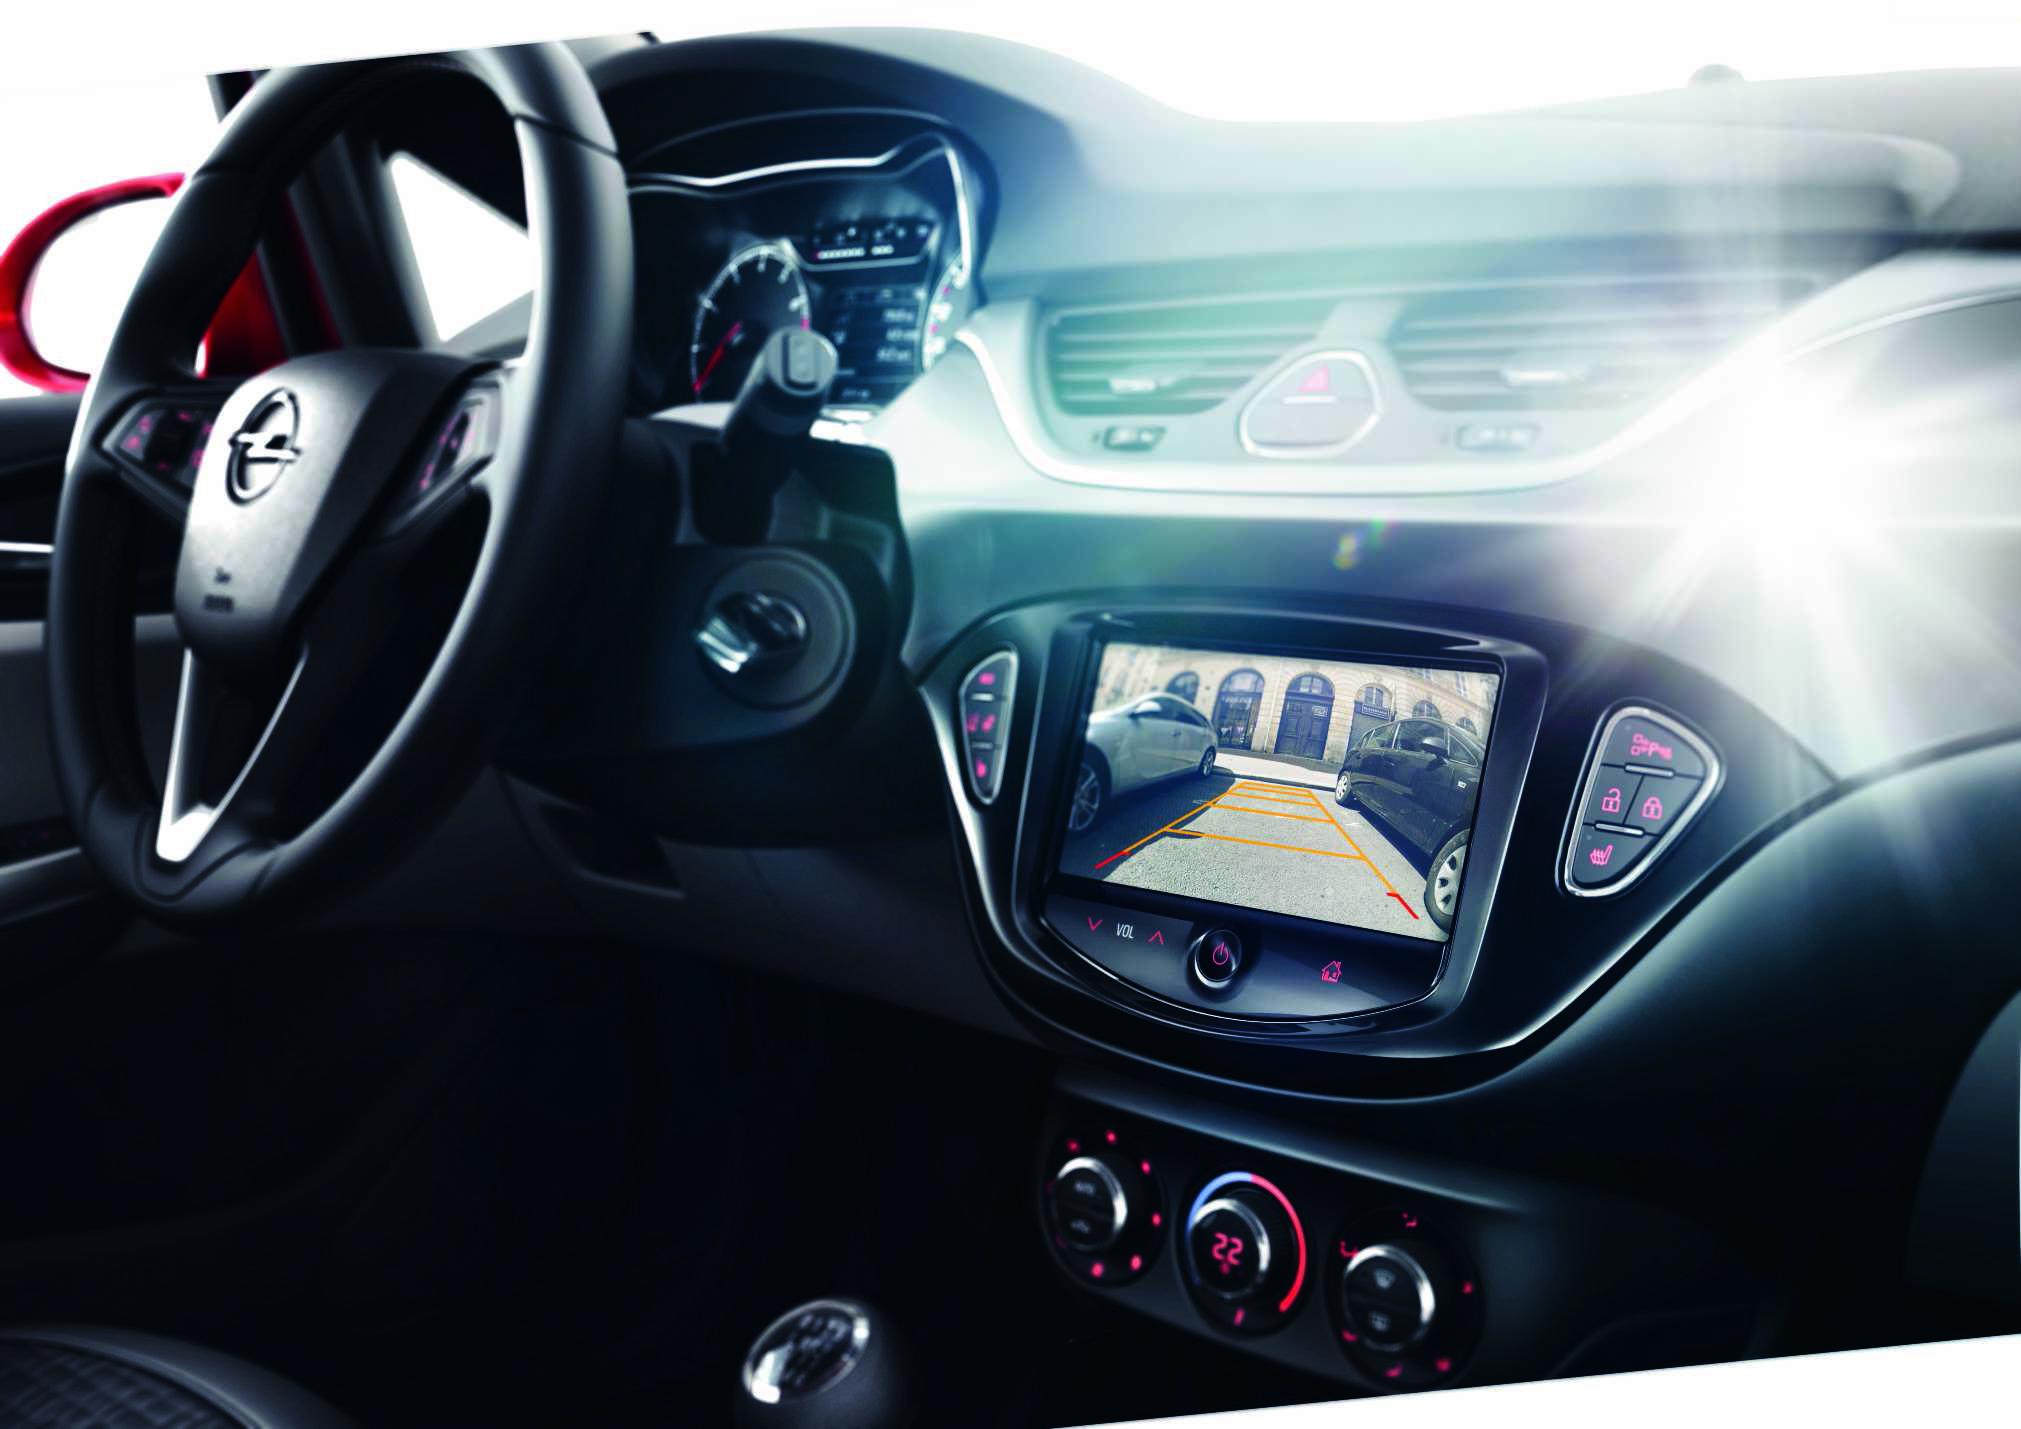 Contacto: Opel Corsa 1.4 EcoFLEX, experiencia superior